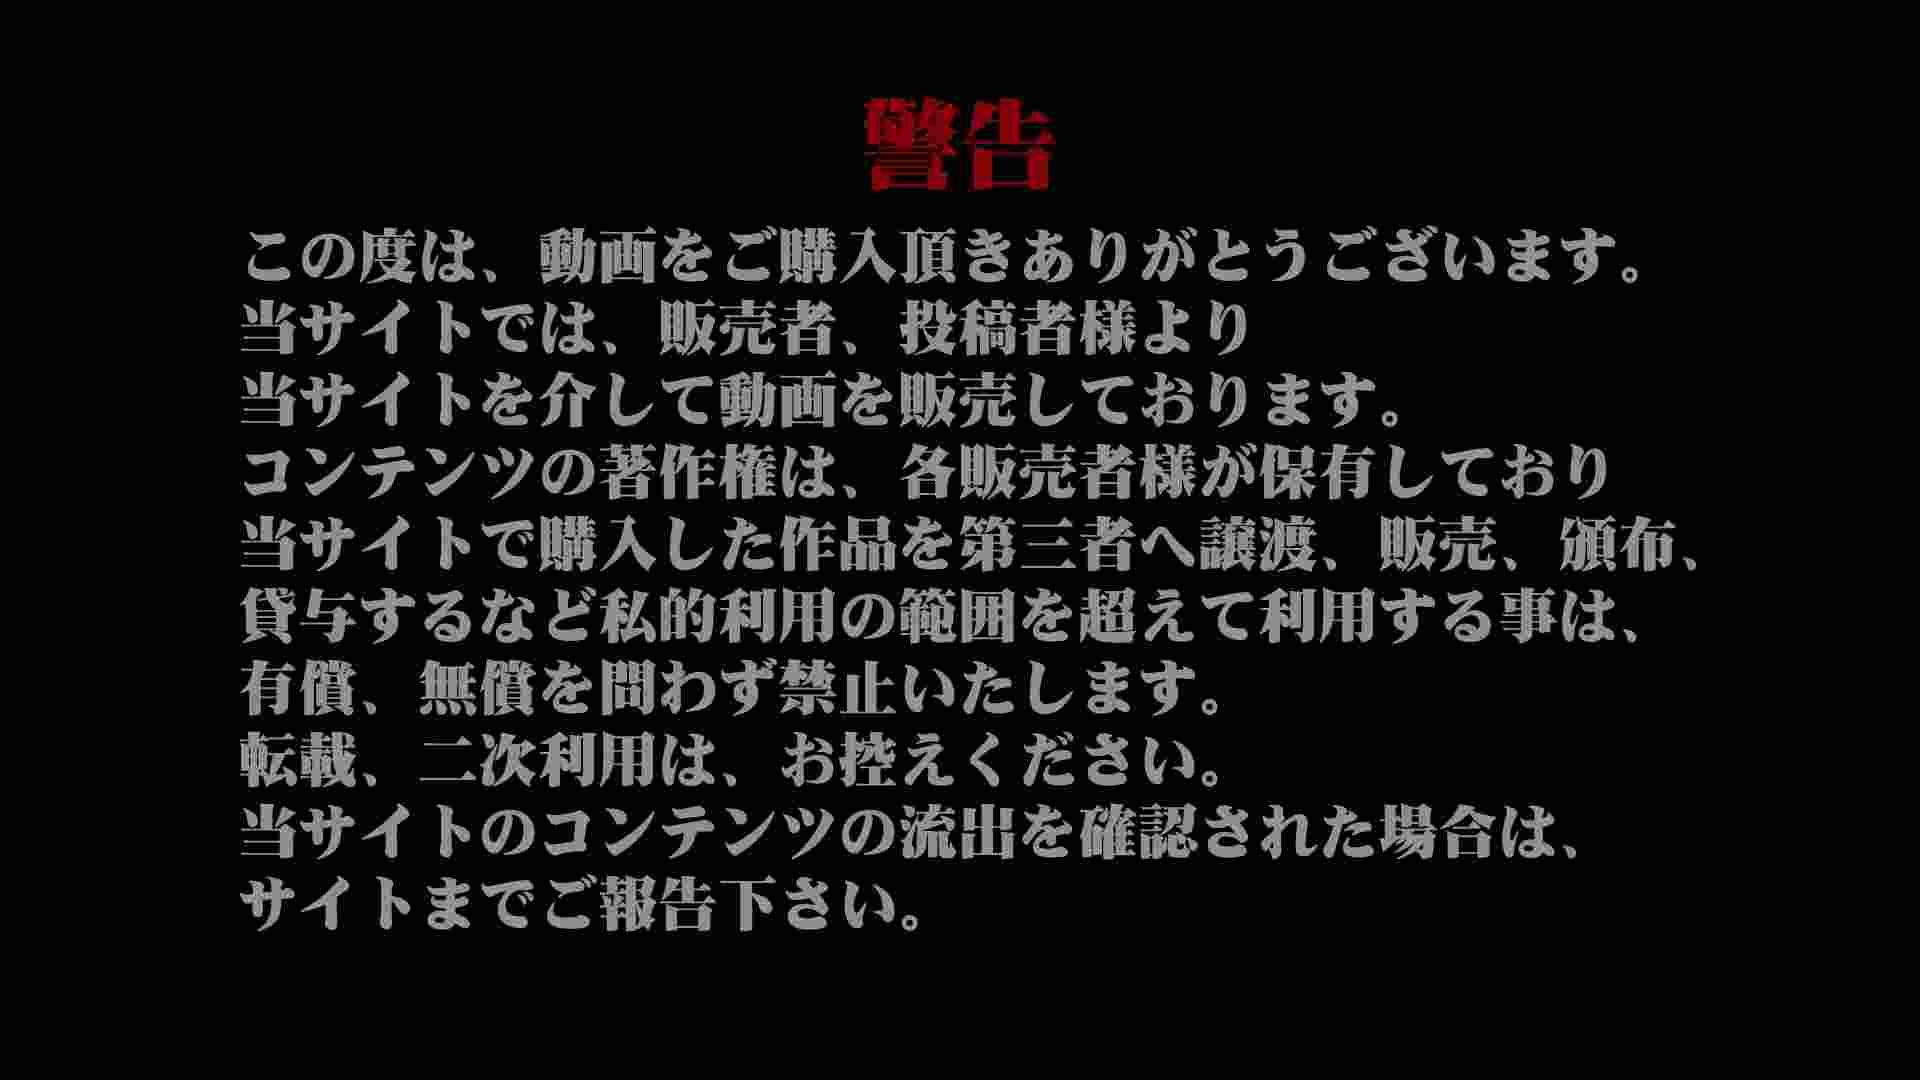 トイレシーンを密着盗撮!! 美女の痴態に密着!Vol.28 乙女  67pic 4